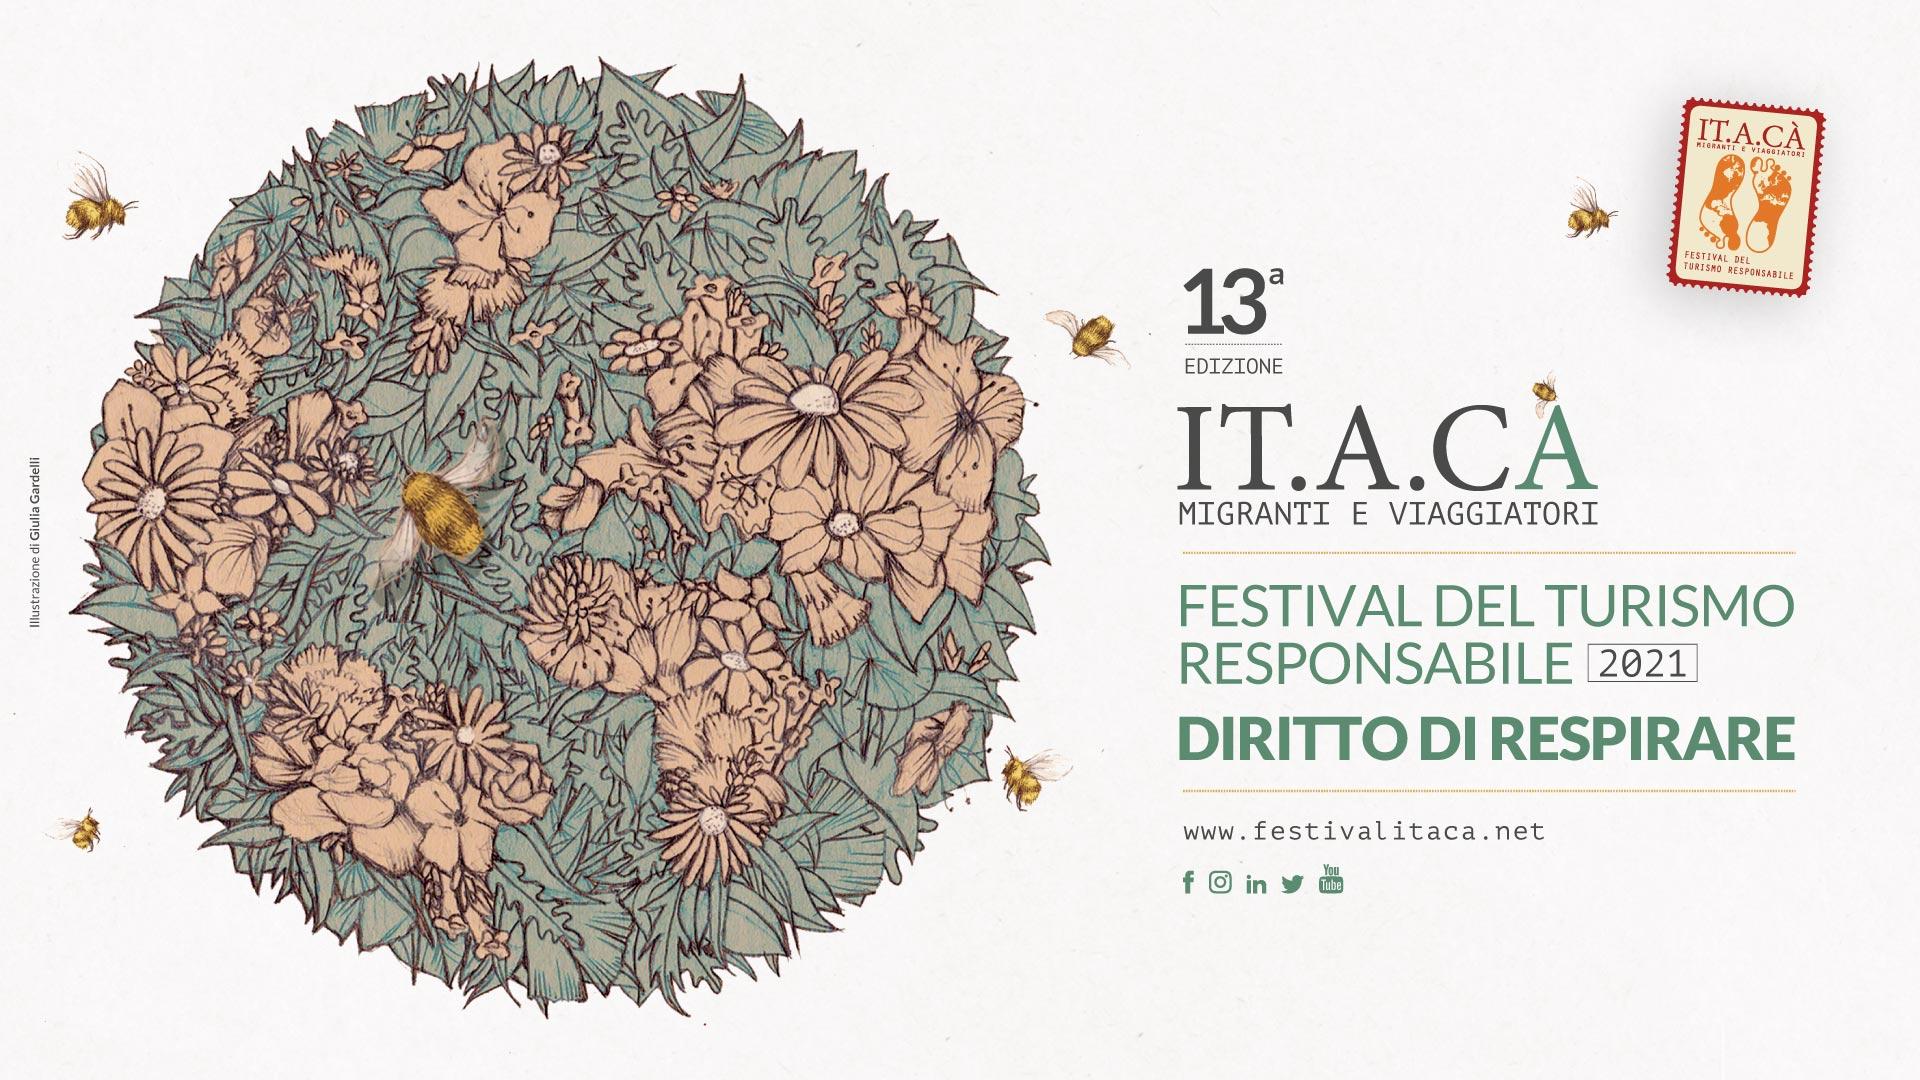 itaca festiva turismo responsabile sasso simone simoncello valmarecchia